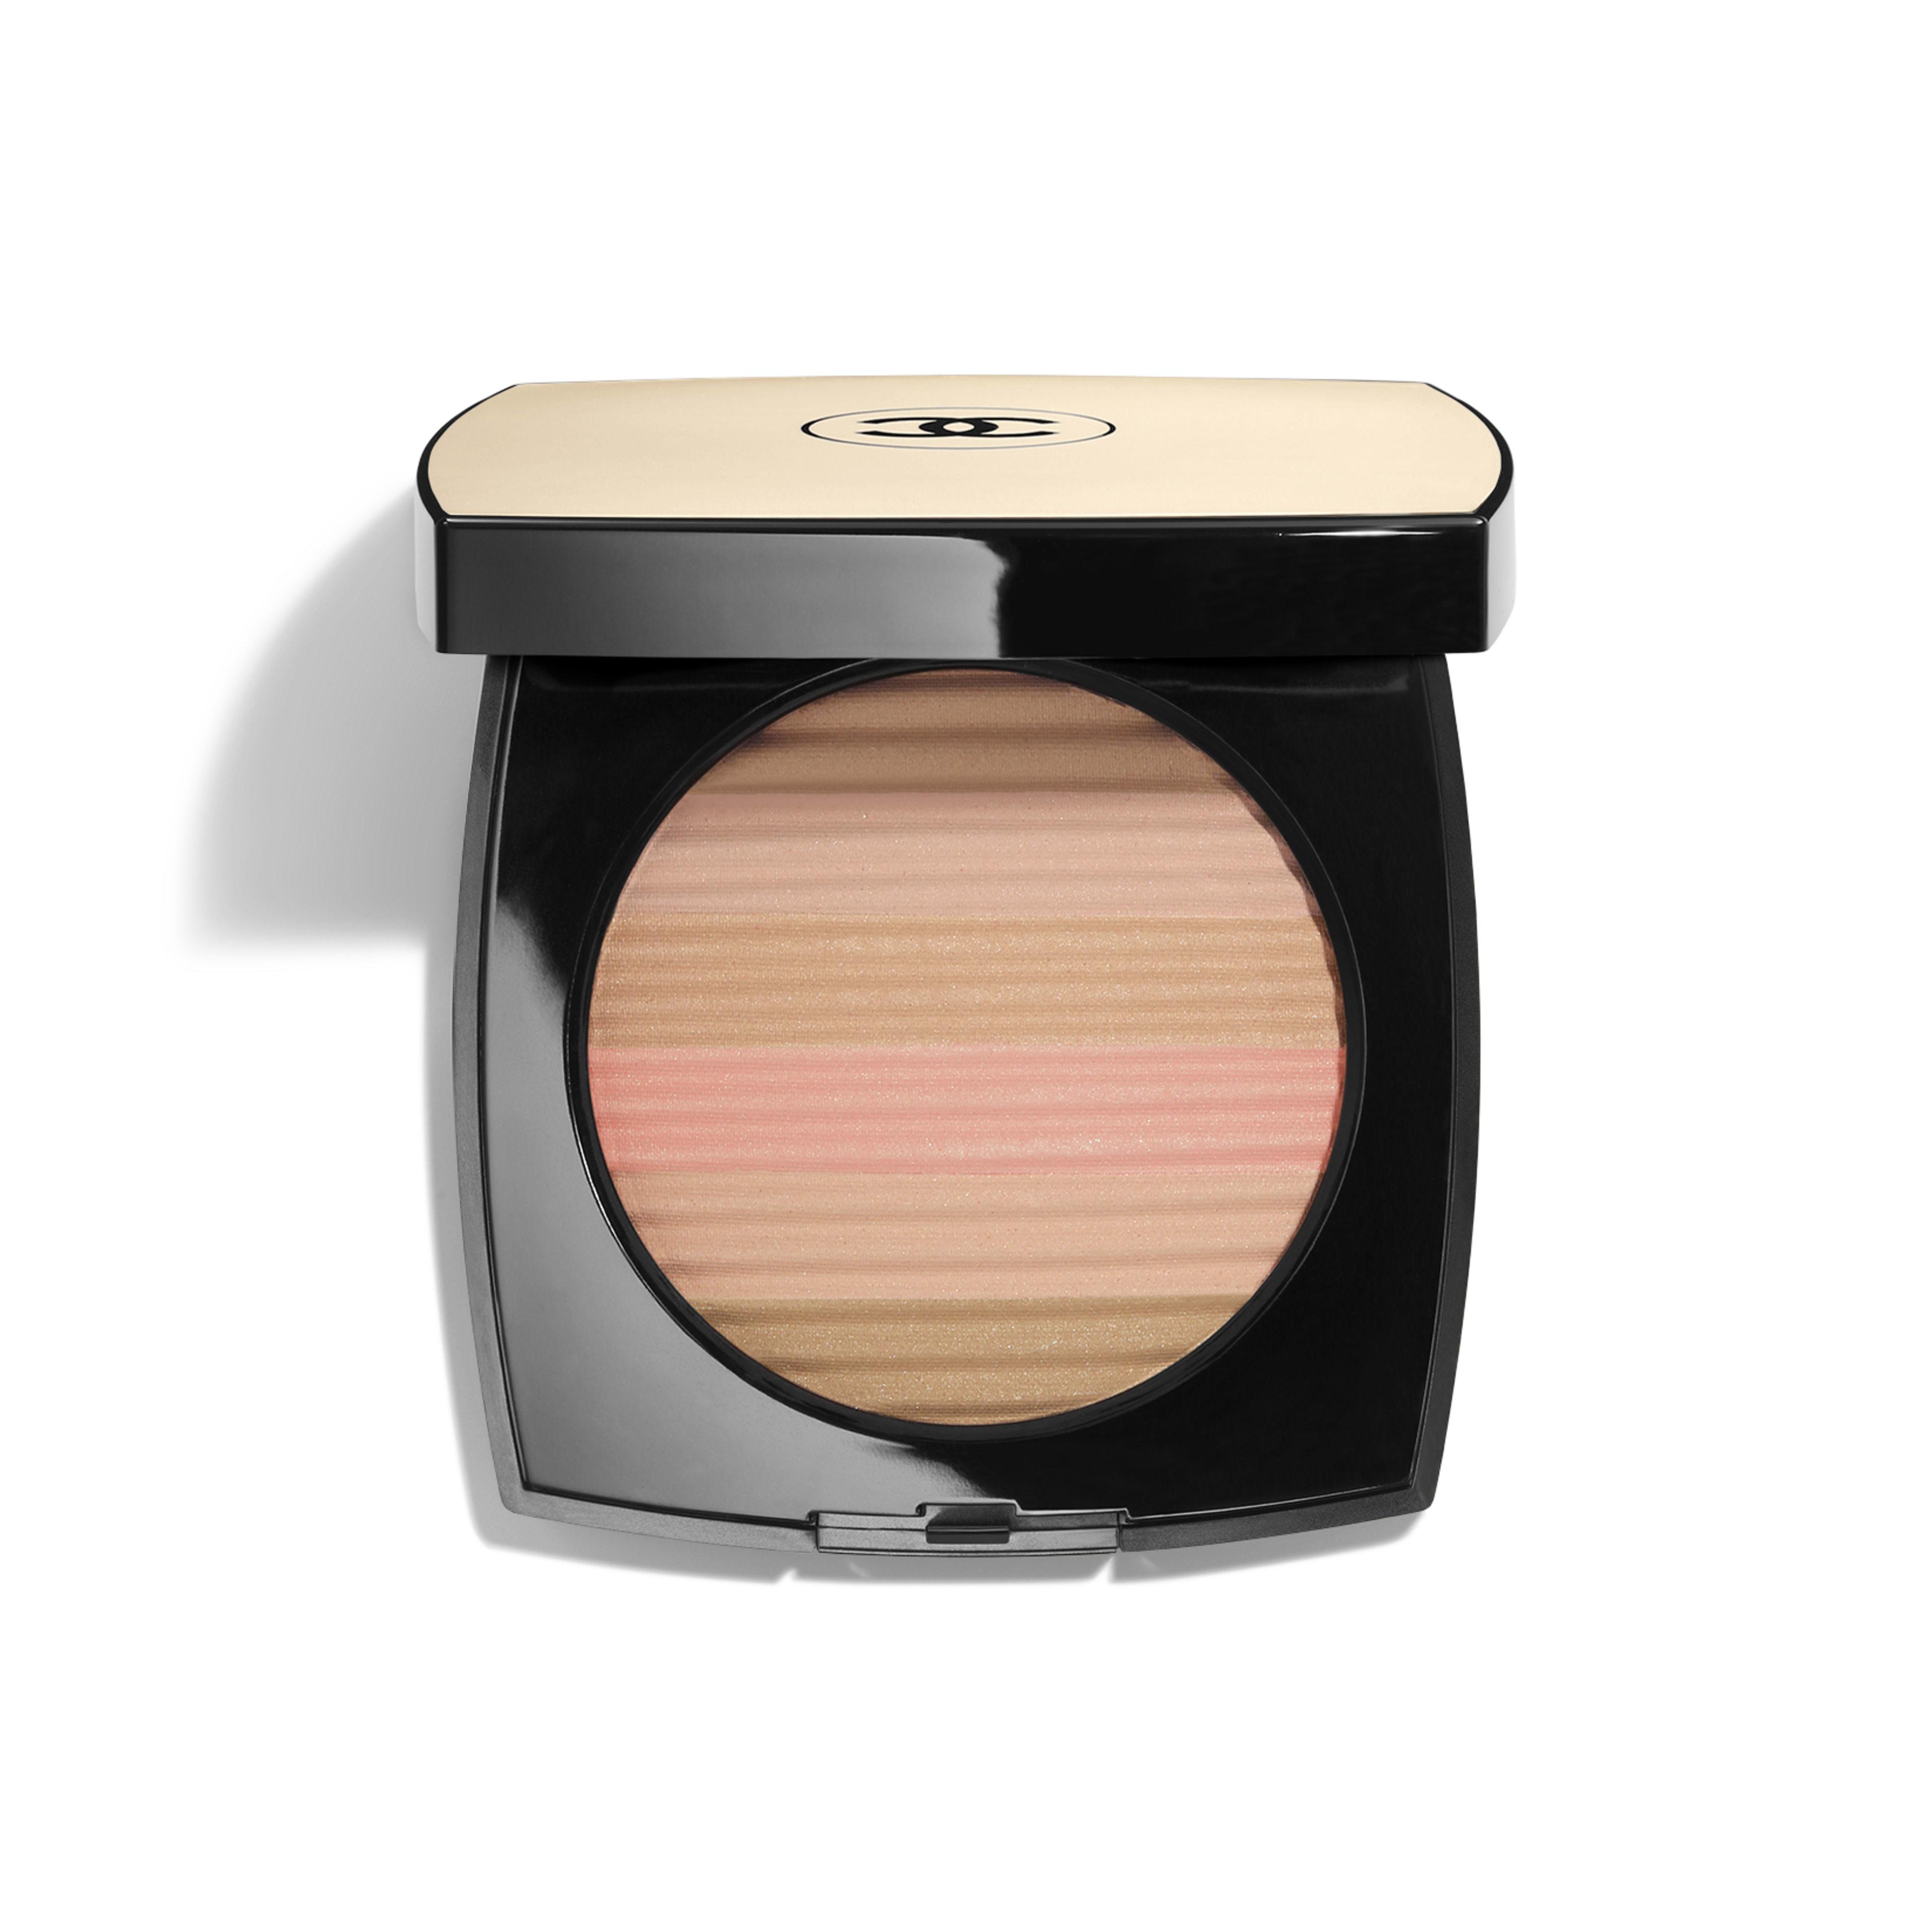 Les Beiges - makeup - 0.38OZ. - Default view